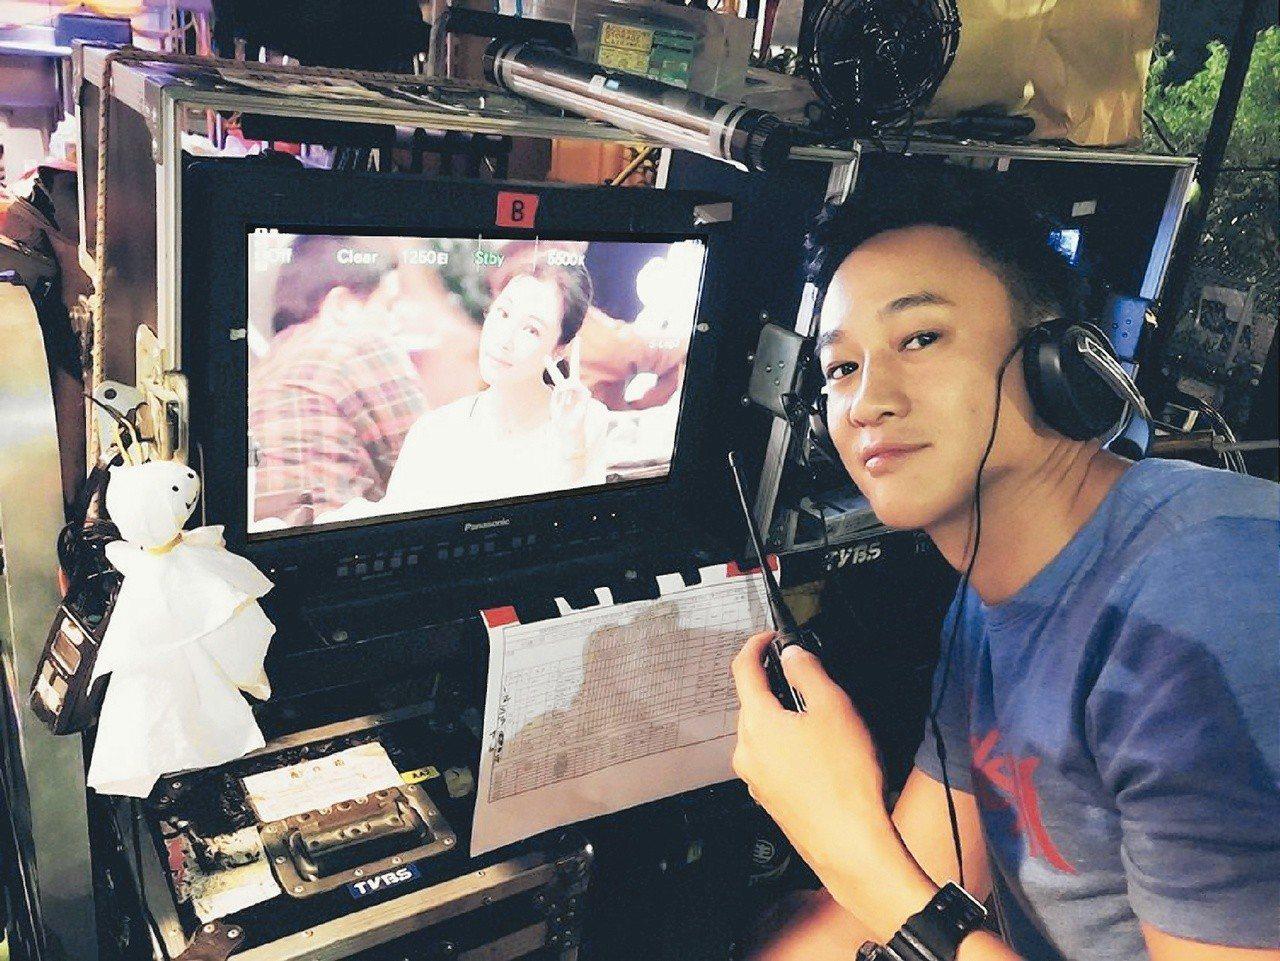 何潤東新戲「翻牆的記憶」擔任導演,才華被看見。圖╱TVBS提供